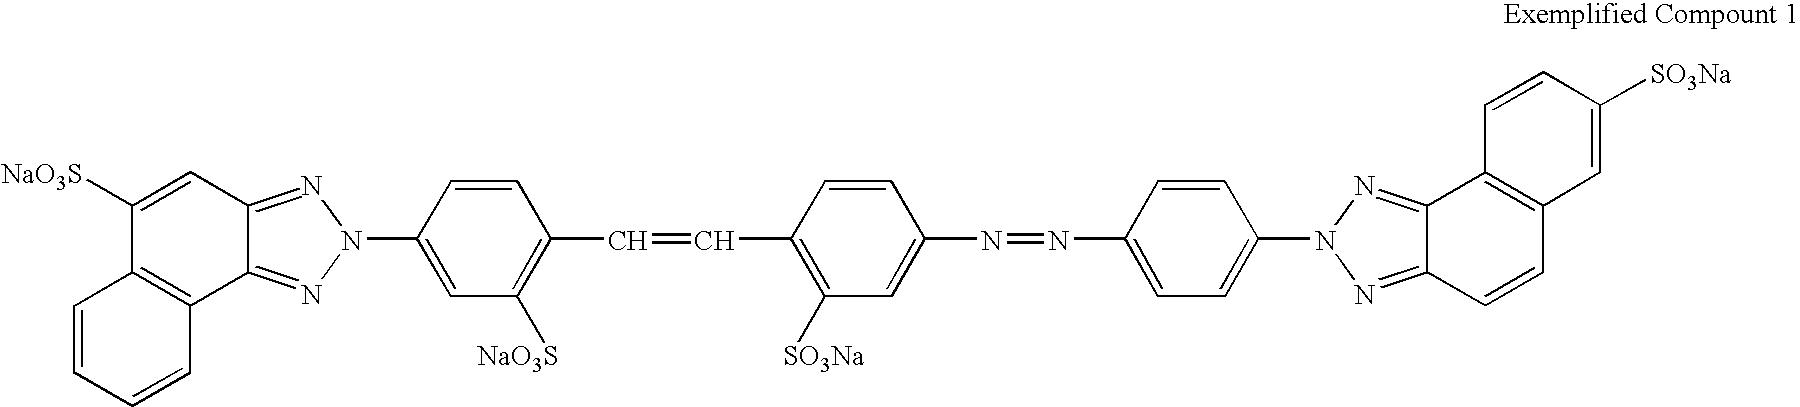 Figure US20090295886A1-20091203-C00003